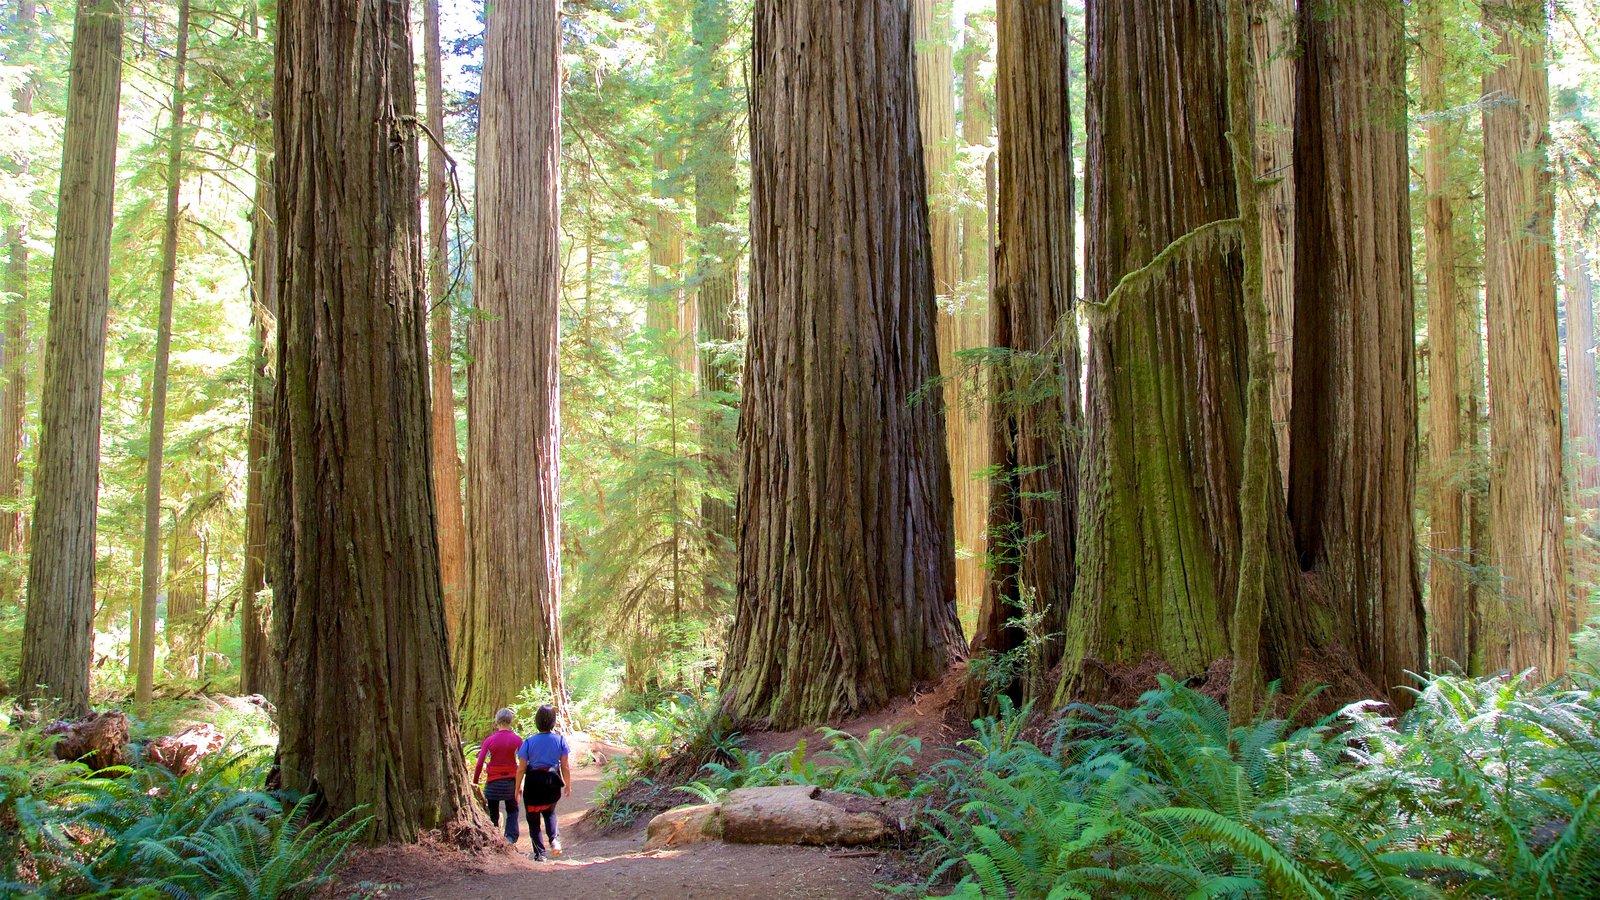 Boy Scout Tree Trail mostrando cenas de floresta e escalada ou caminhada assim como um casal